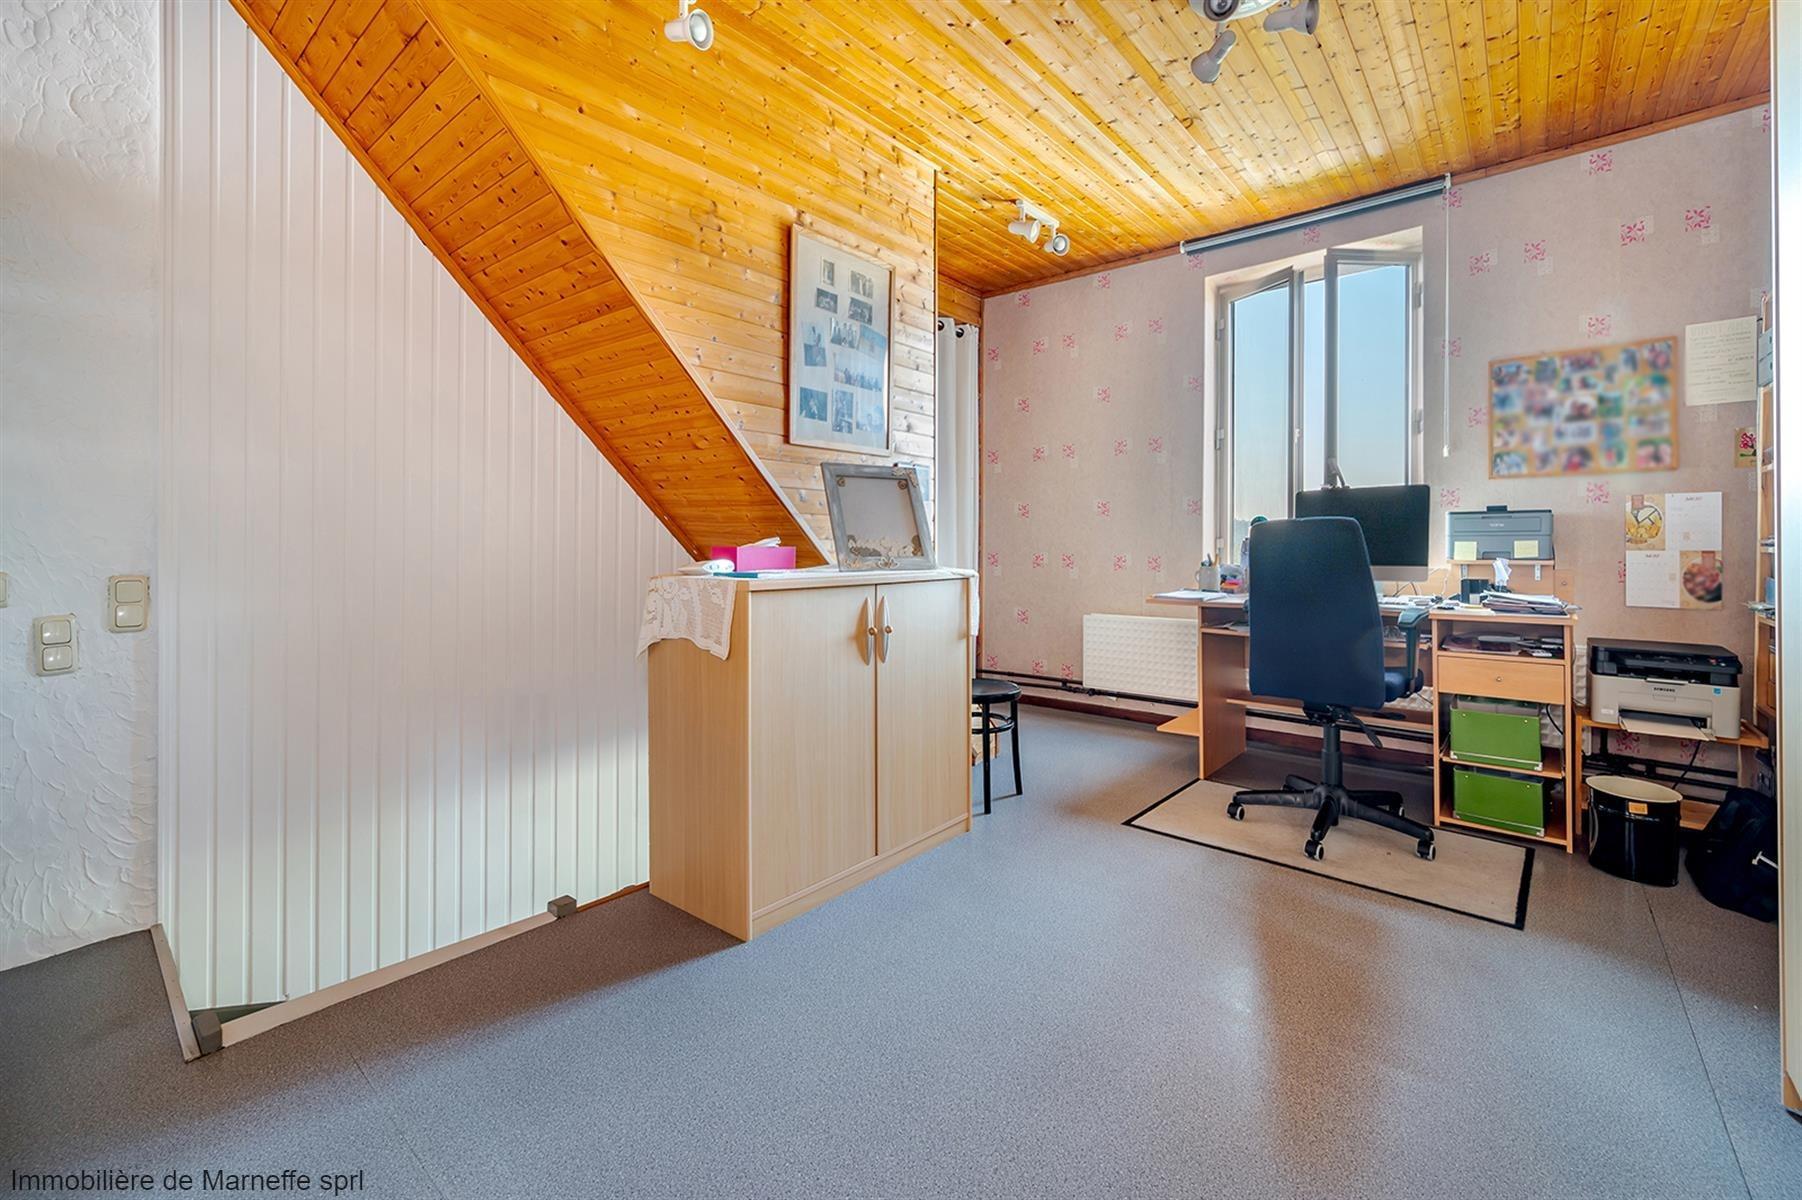 Maison - Liège - #4499629-12